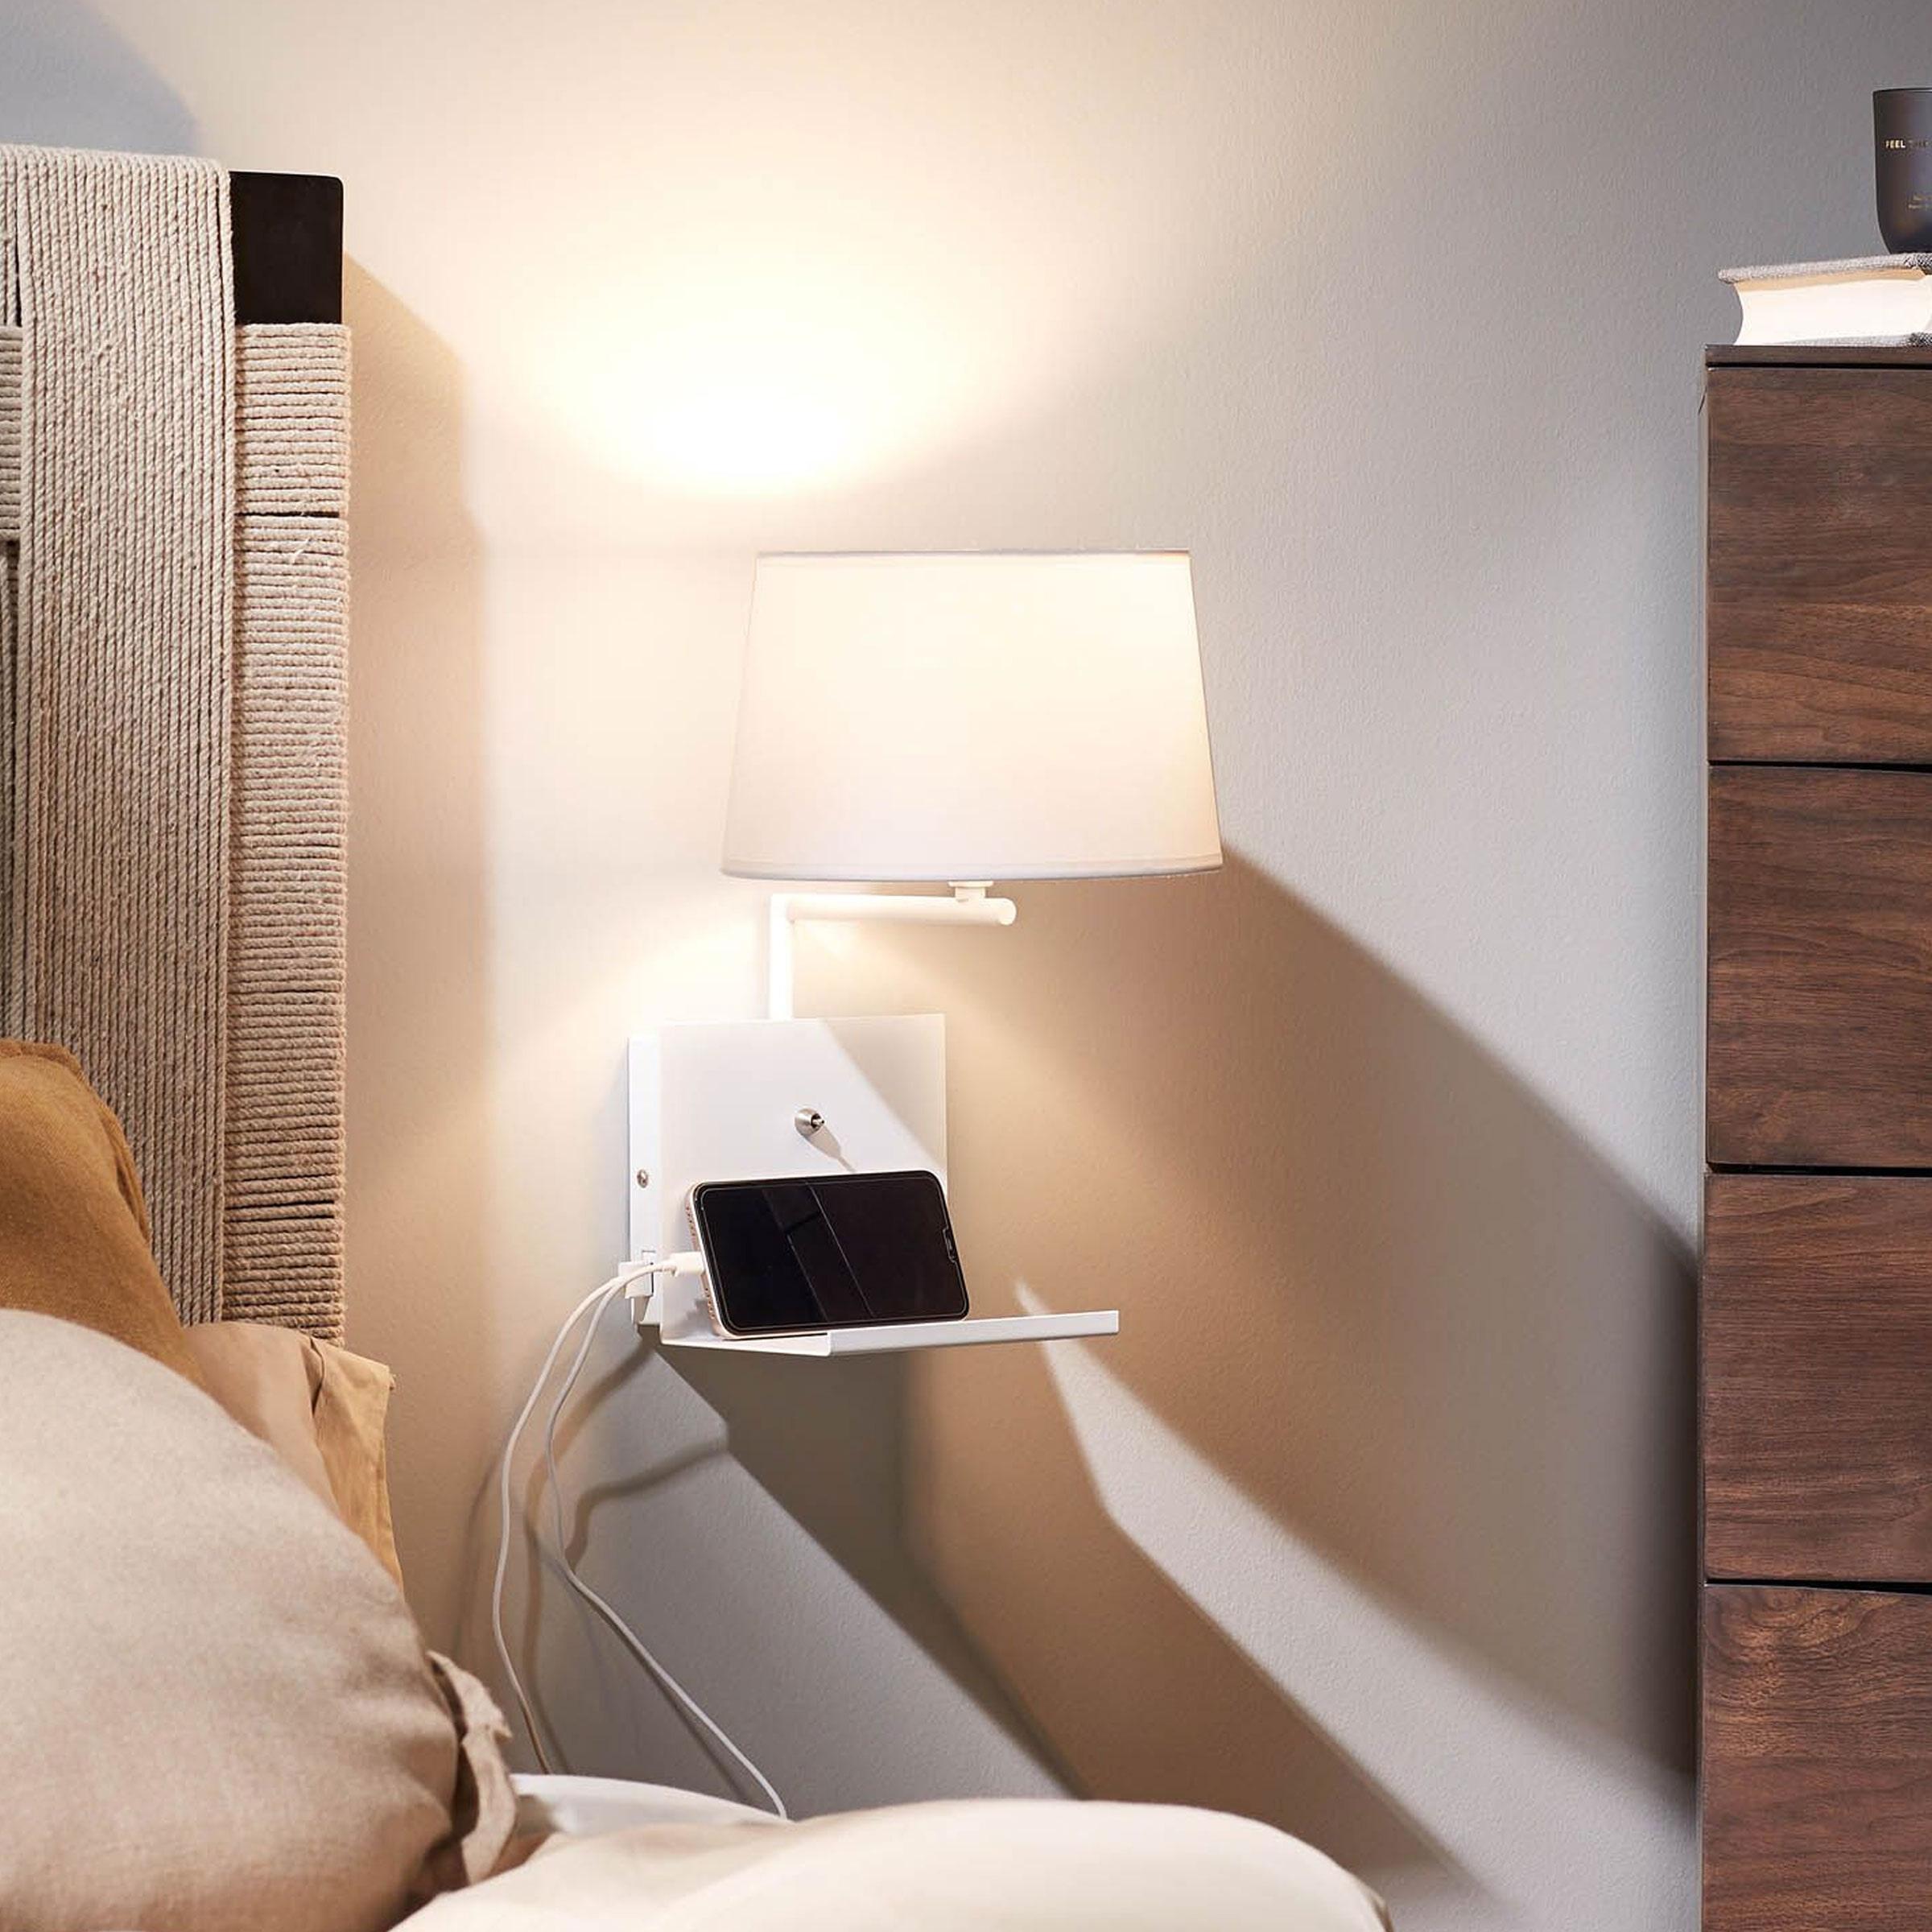 Kave Home Wandlamp 'Neala' met USB aansluiting, kleur Wit